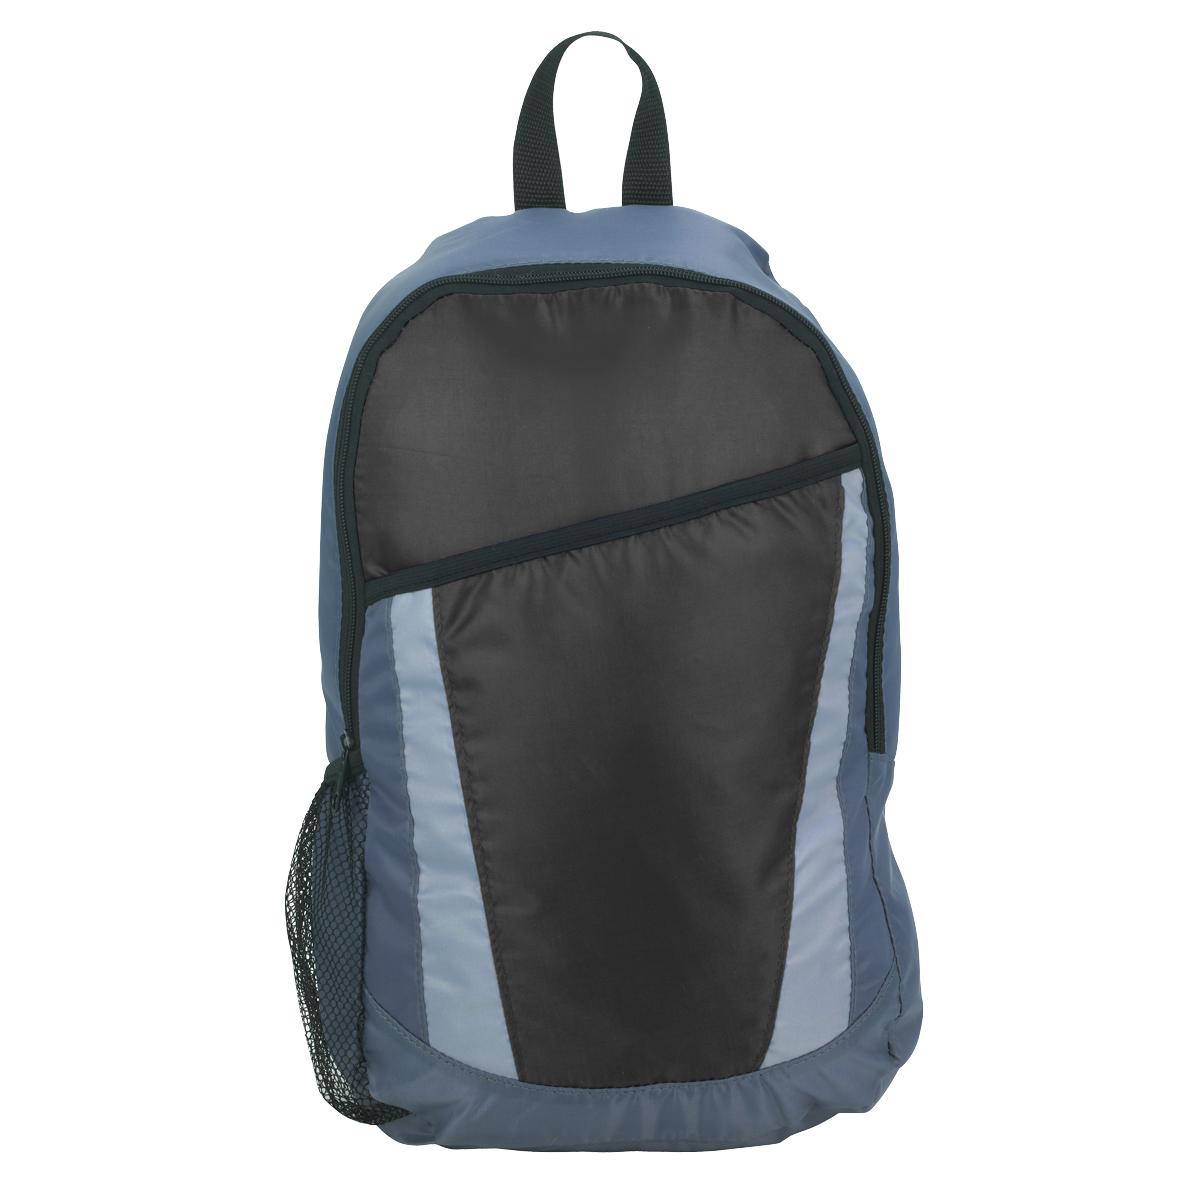 3025 - Backpack